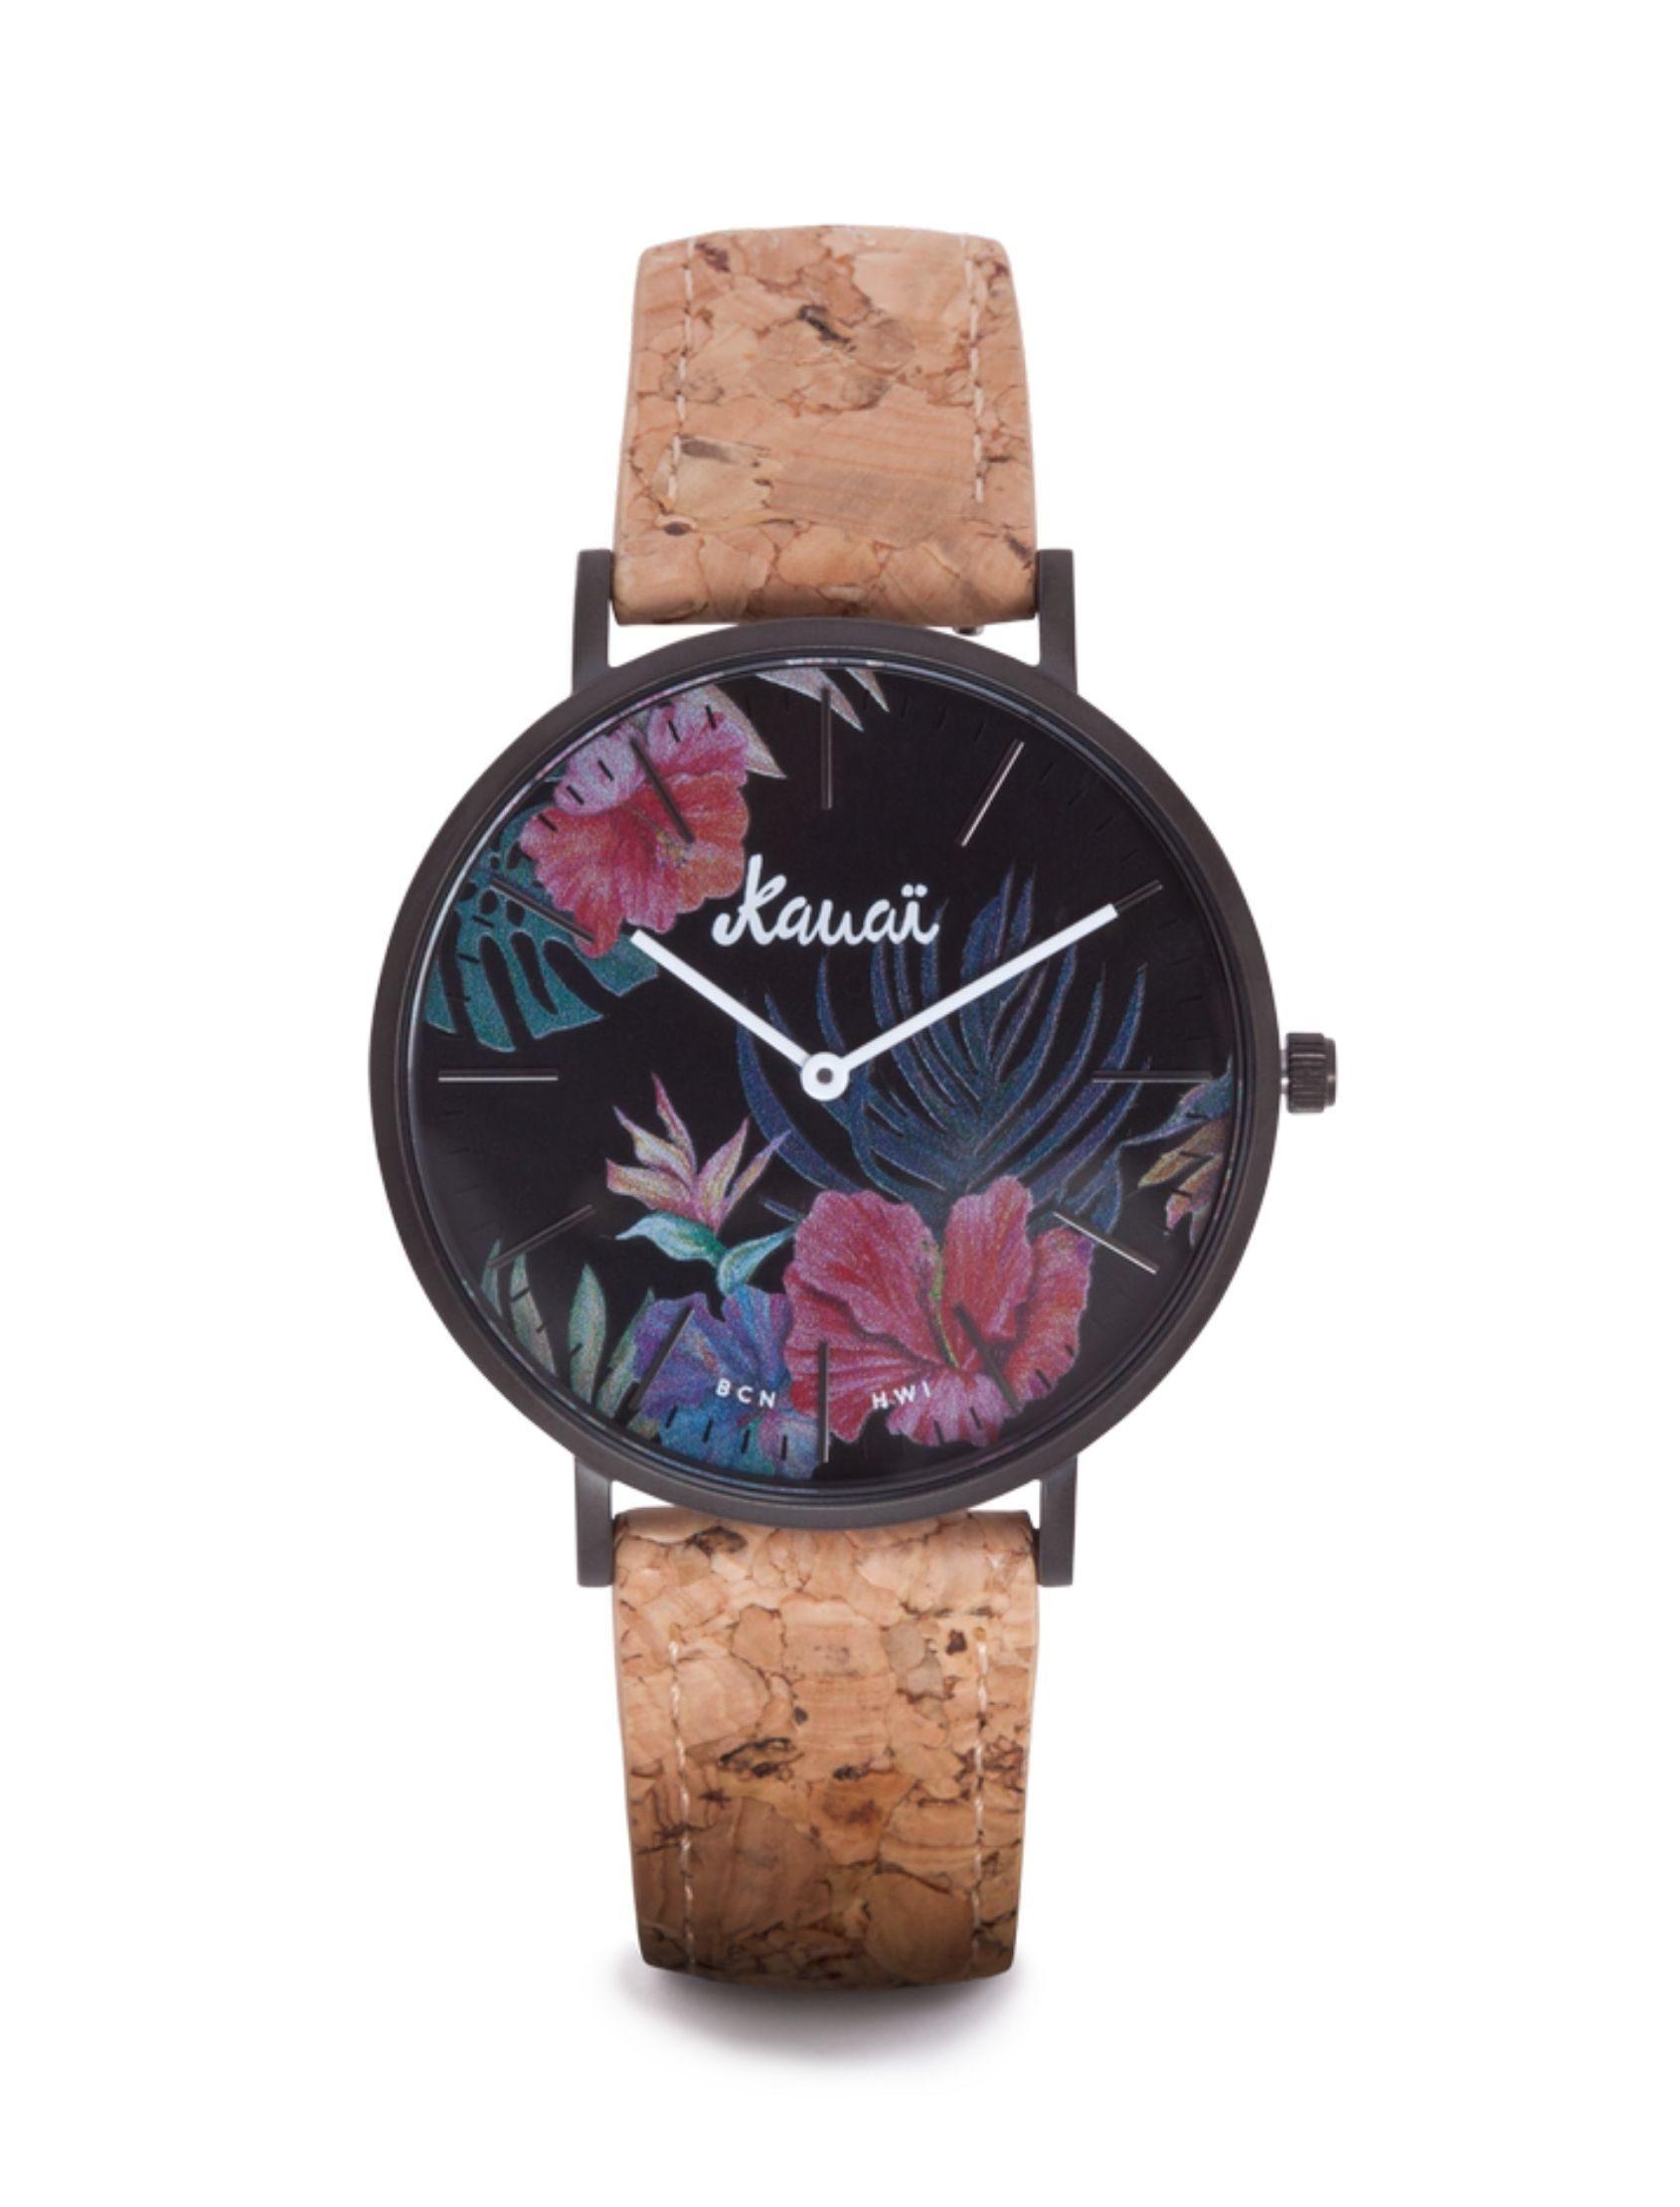 reloj kaua de kauai watches con esfera tropical y correa de corcho